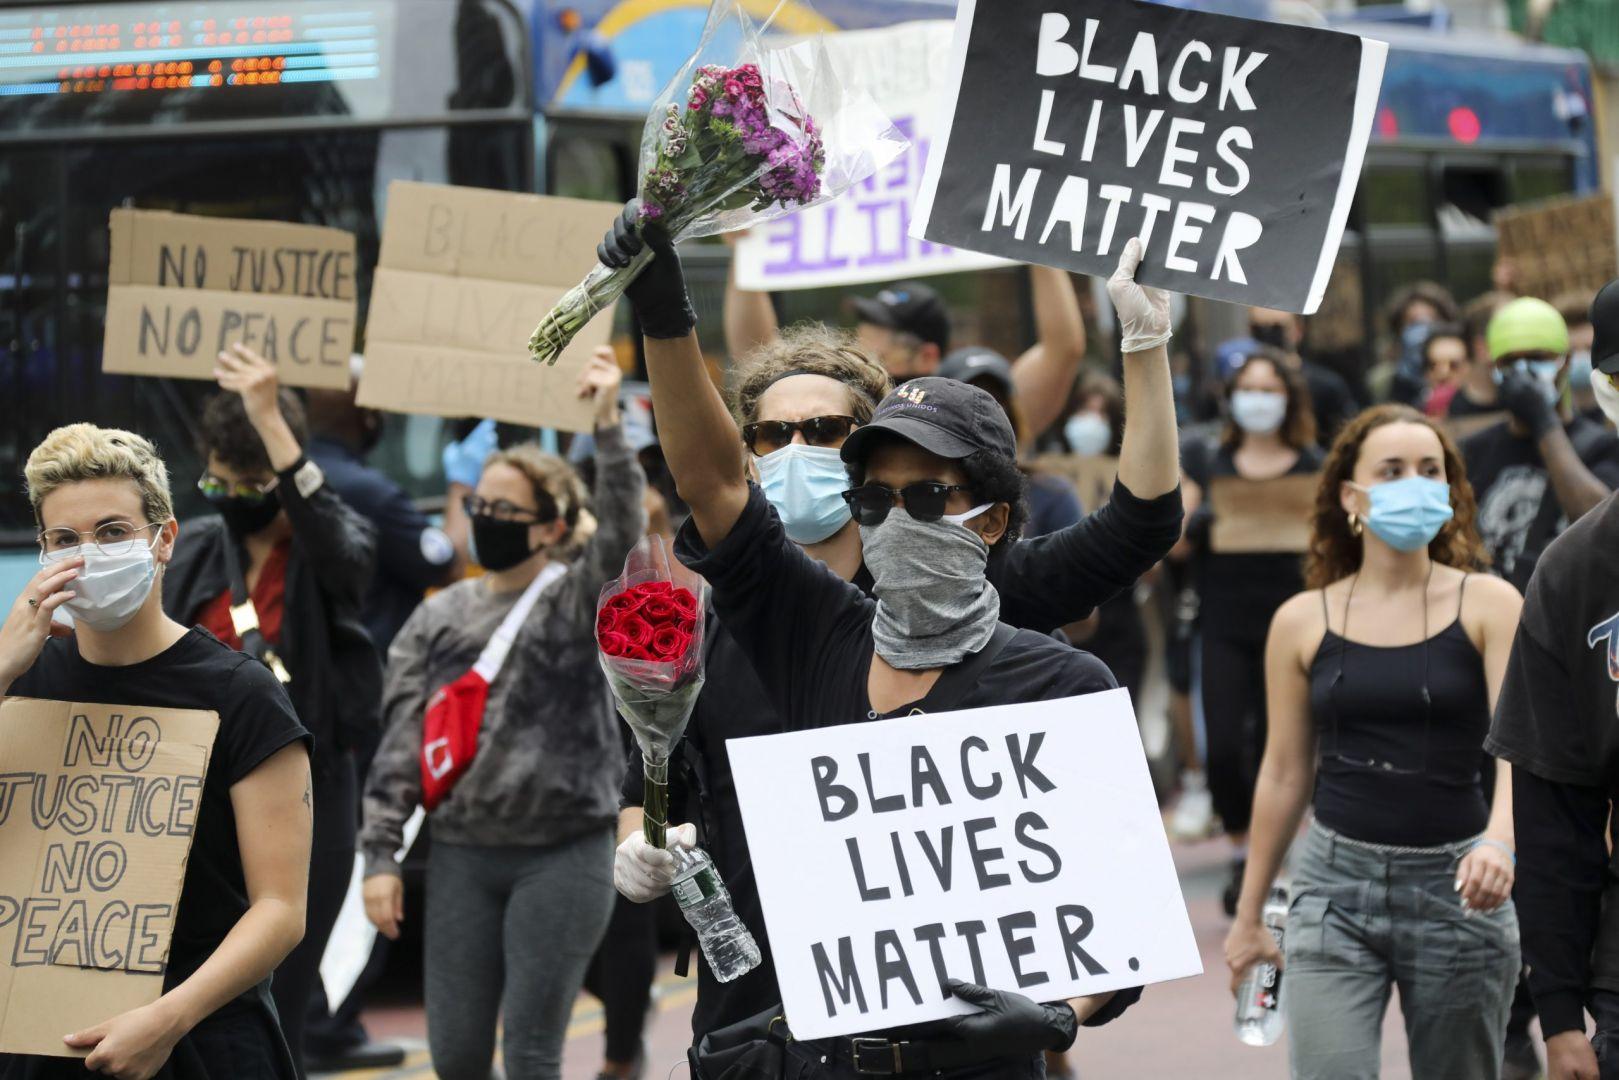 Las vidas negras importan es el grito de manifestantes en Portland donde hay un muerto.